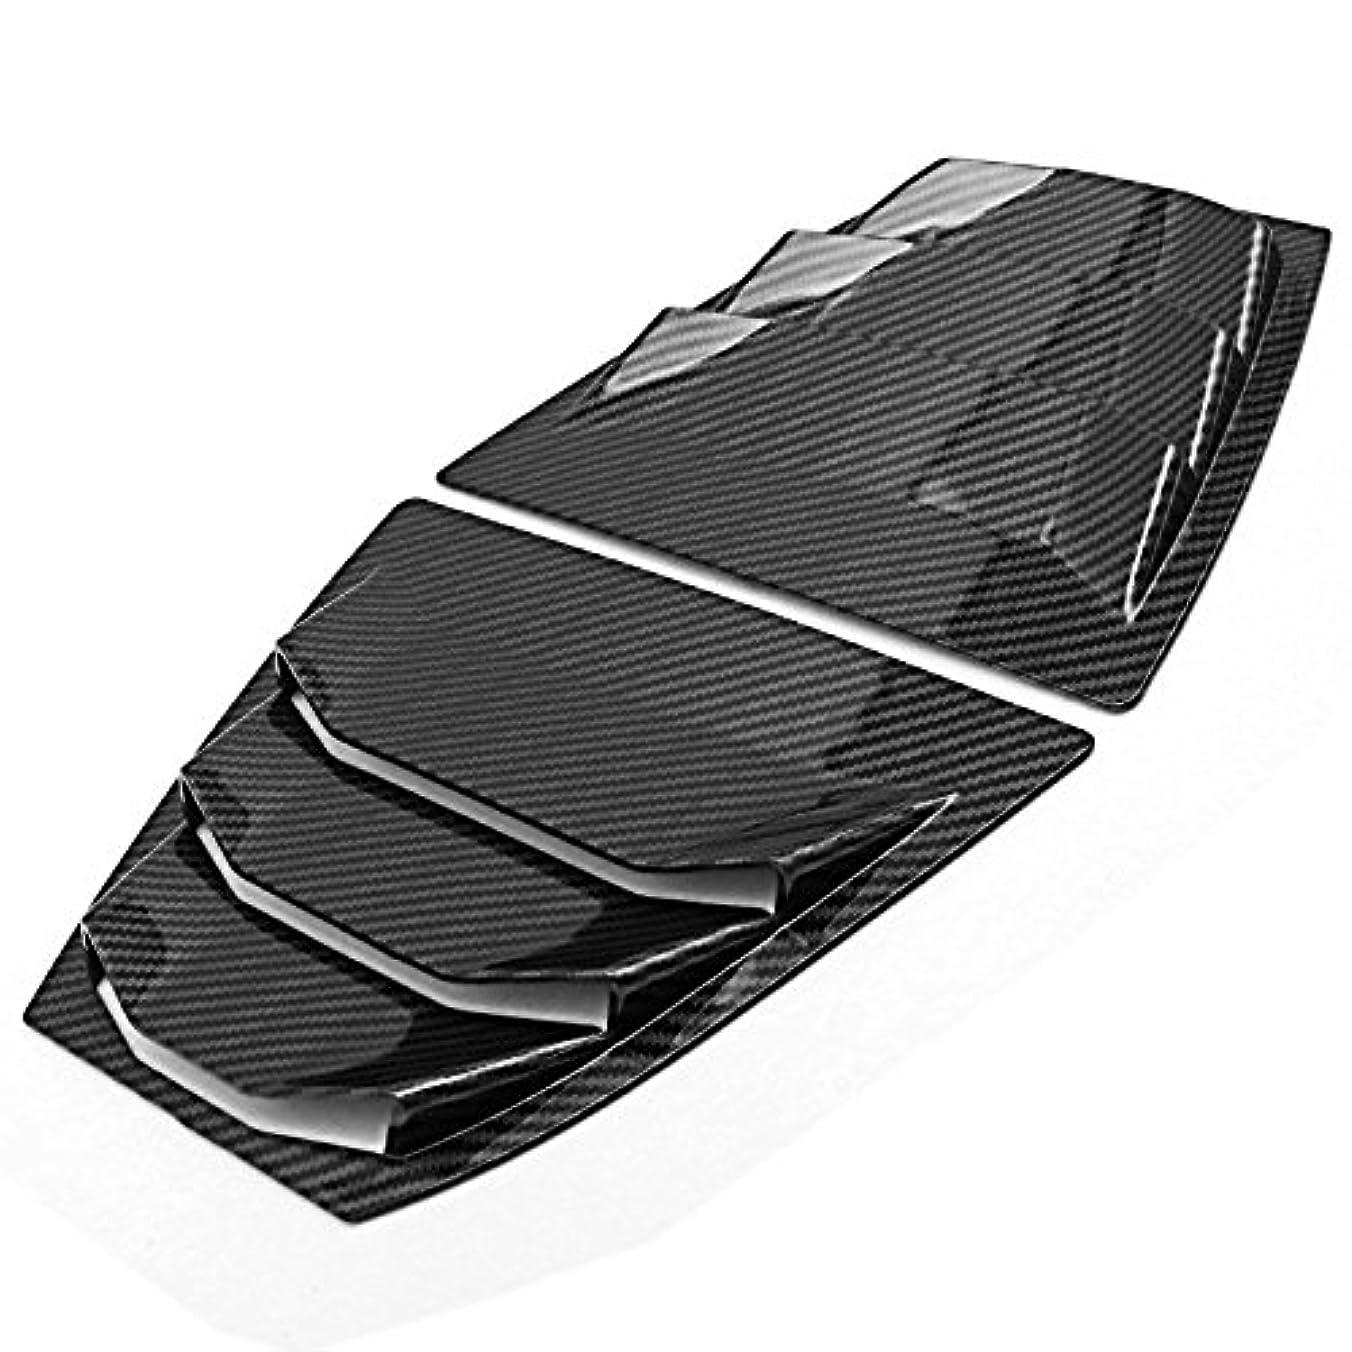 裕福な帽子フォームJicorzo - Mazda3の4D 2014年から2018年カーアクセサリースタイリングのための炭素繊維のカラーリアクオーターパネルウィンドウサイドルーバーベントトリムフィット2PCS